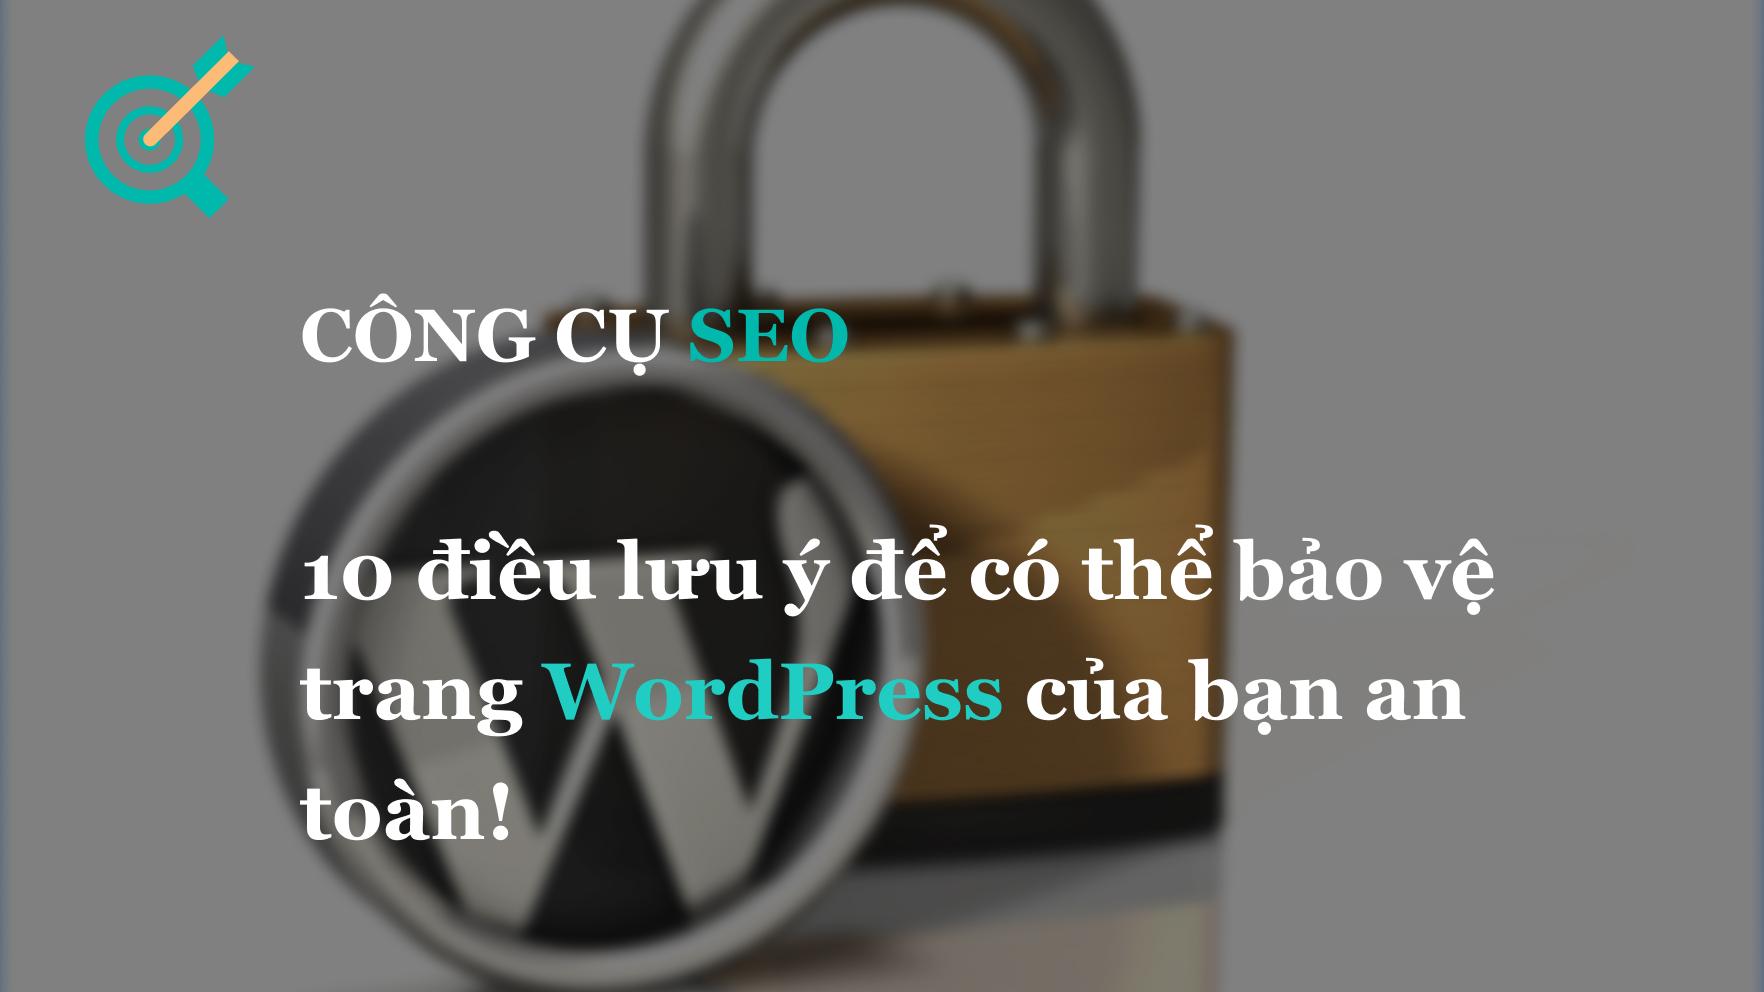 10 điều lưu ý để có thể bảo vệ trang WordPress của bạn an toàn!